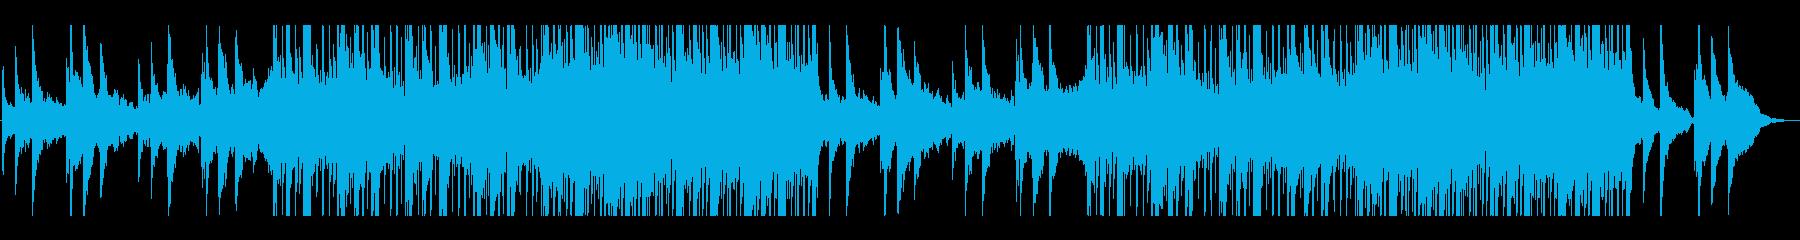 エモーショナル、ヒップホップ、ピアノの再生済みの波形